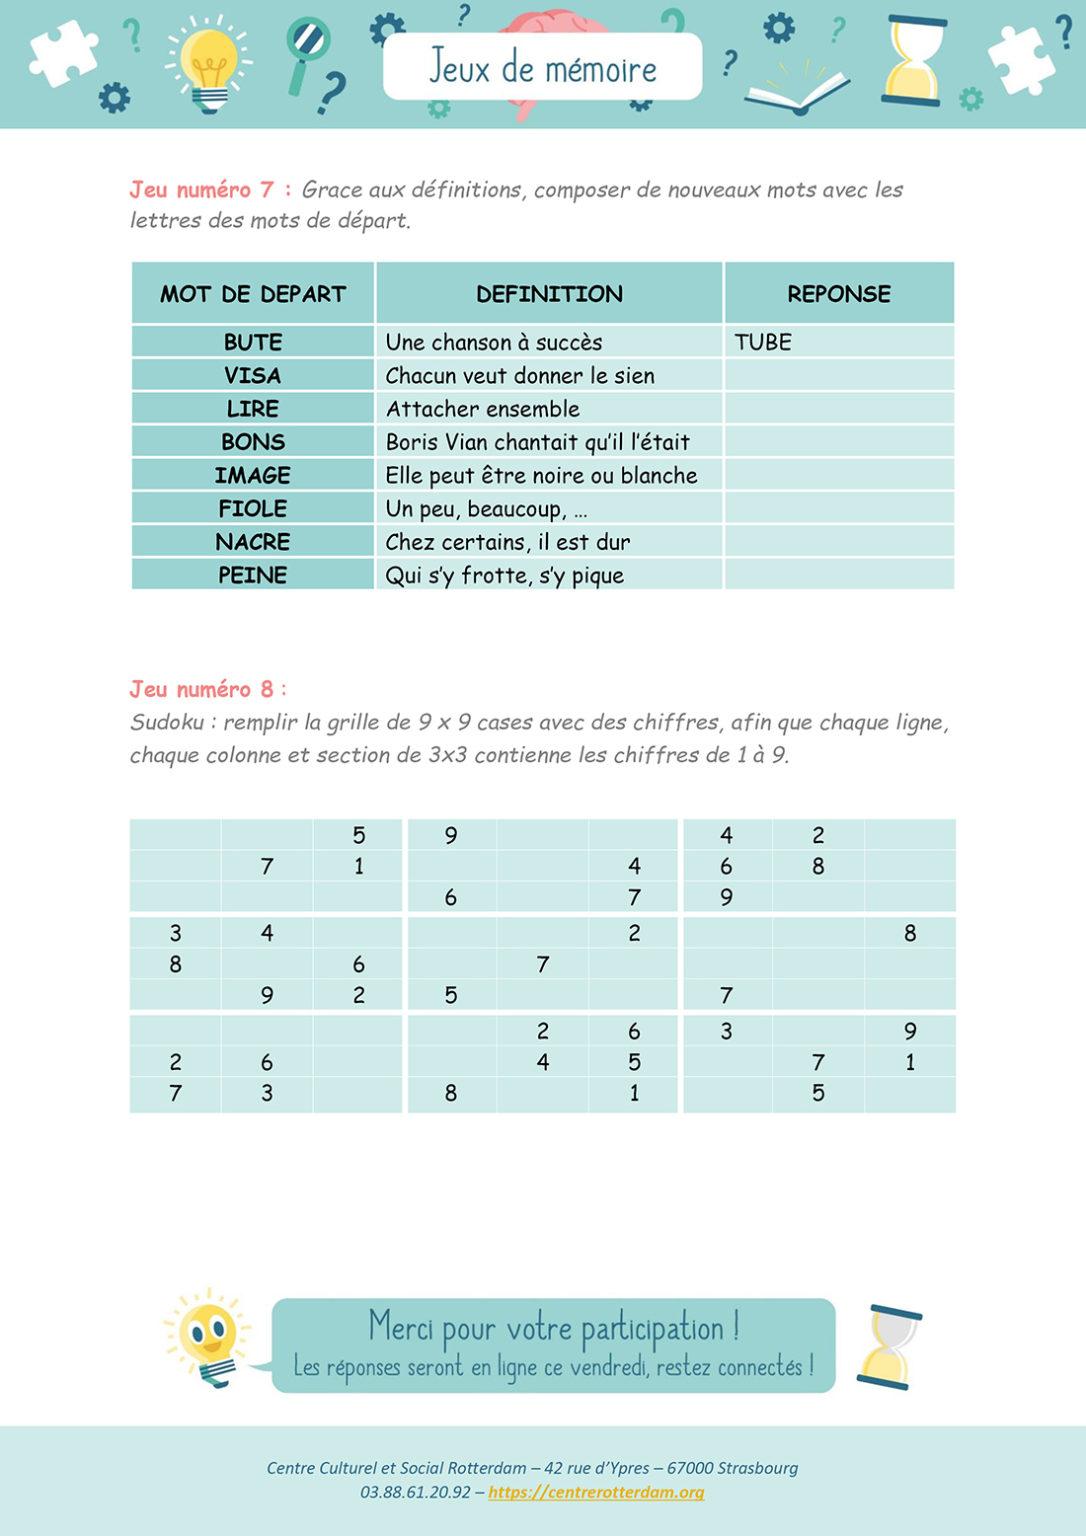 Jeux de mémoire - Mardi 9 mars 2021 - Page 5